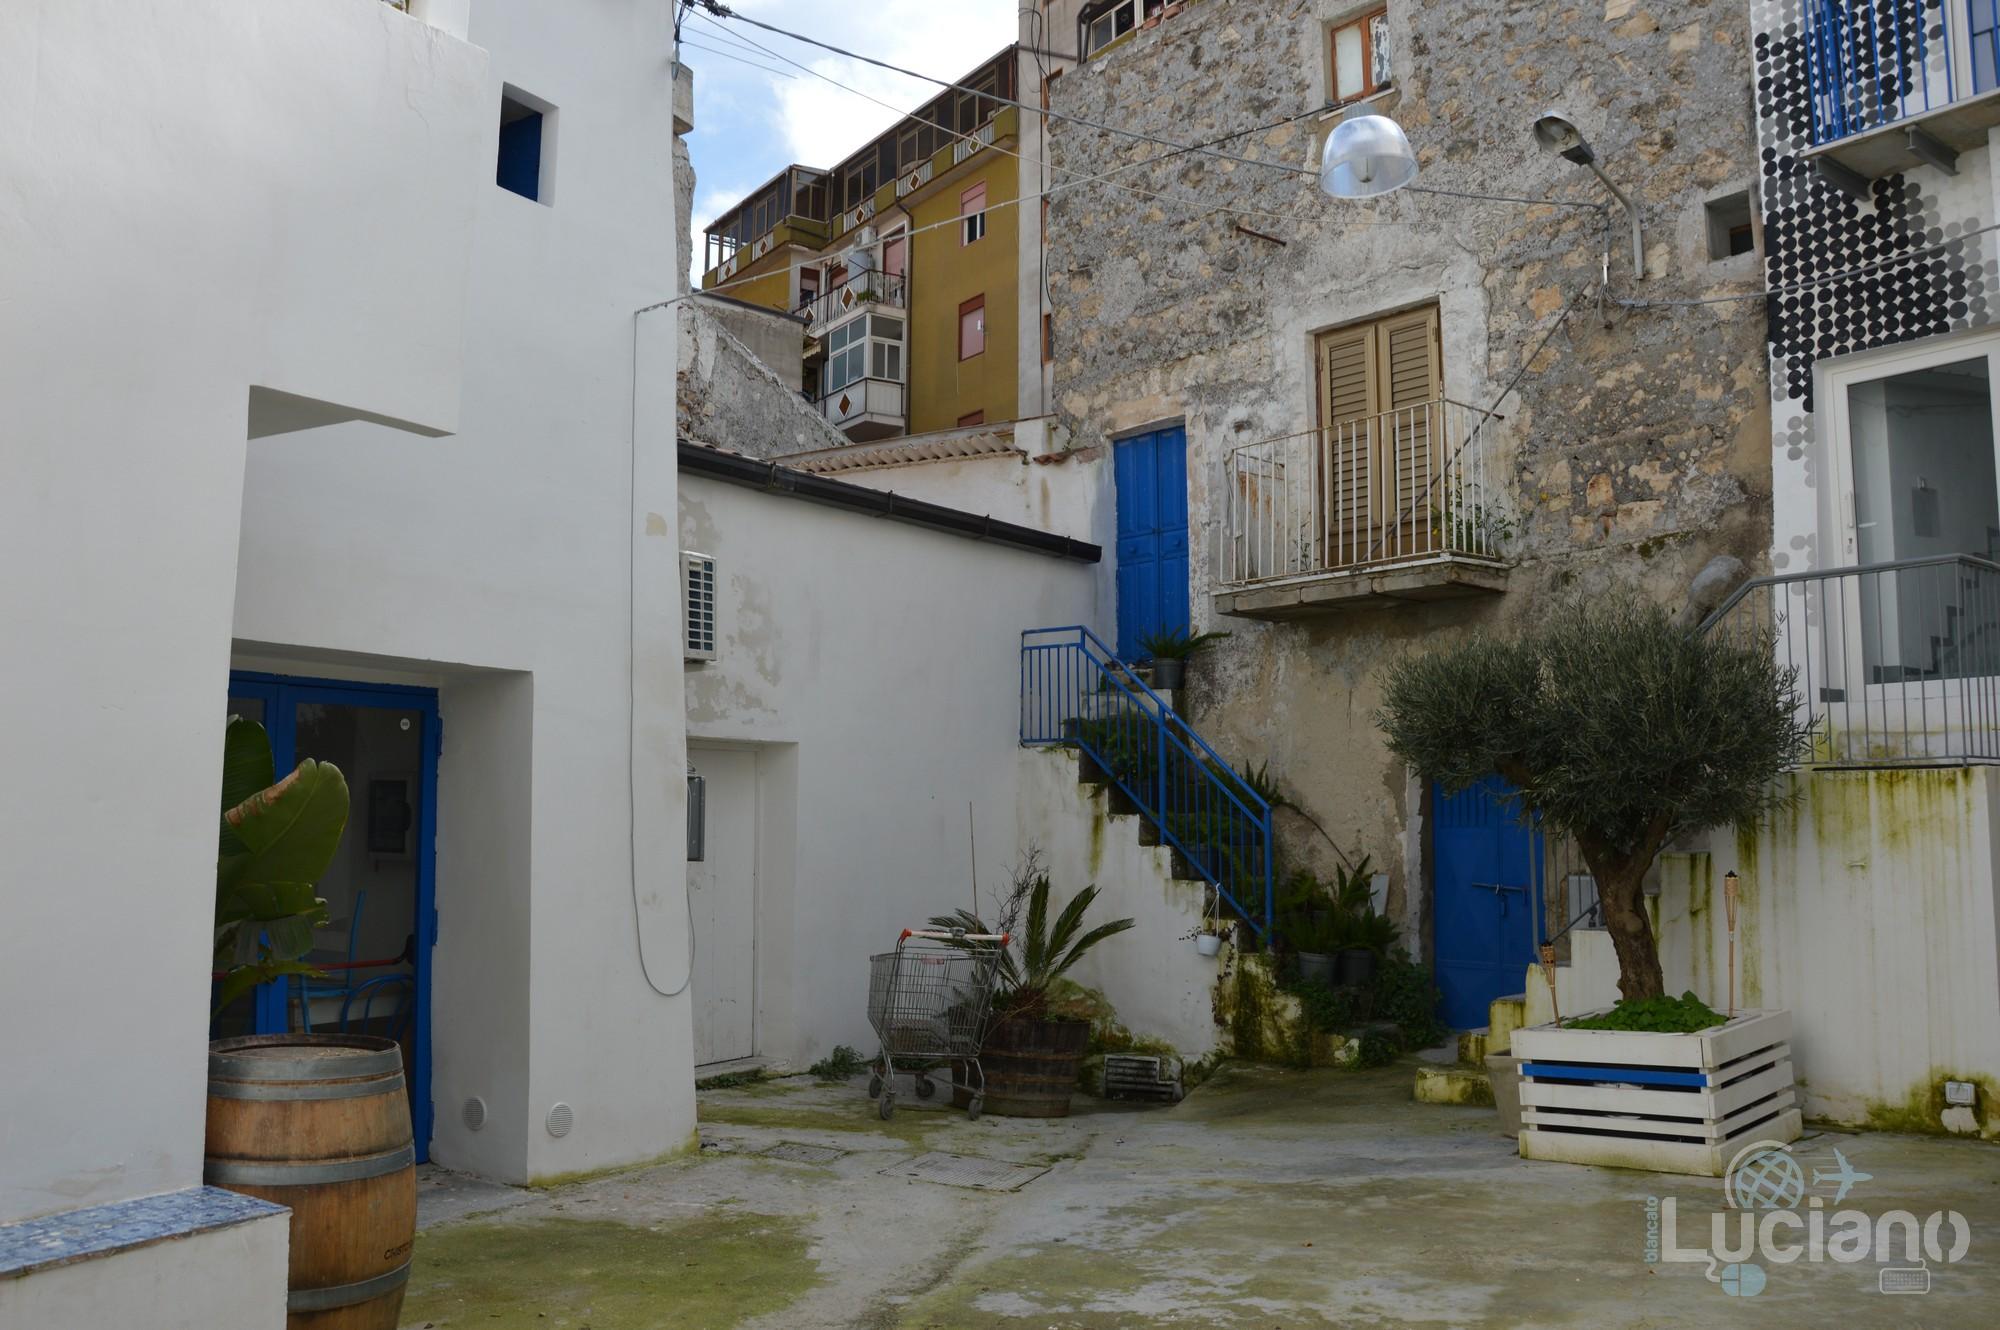 cortile per le vie del per le vie del Farm Cultural Park a Favara (AG)